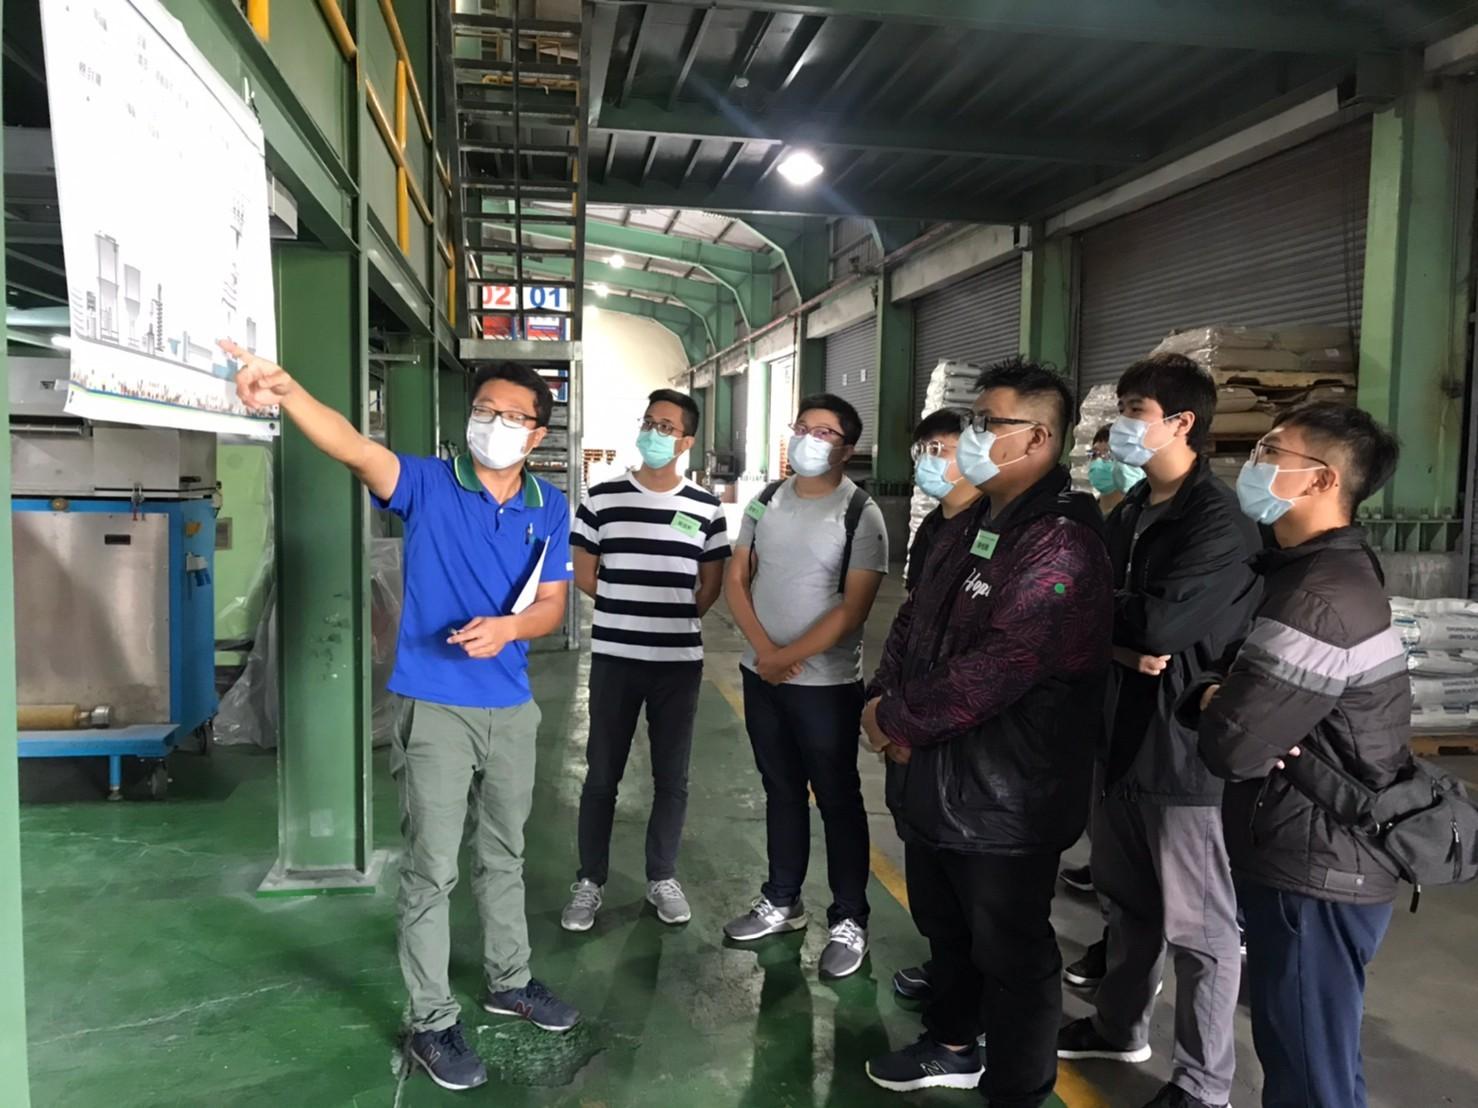 中彰投分署推出產業新尖兵計畫新課程 協助青年與熱門趨勢產業接軌